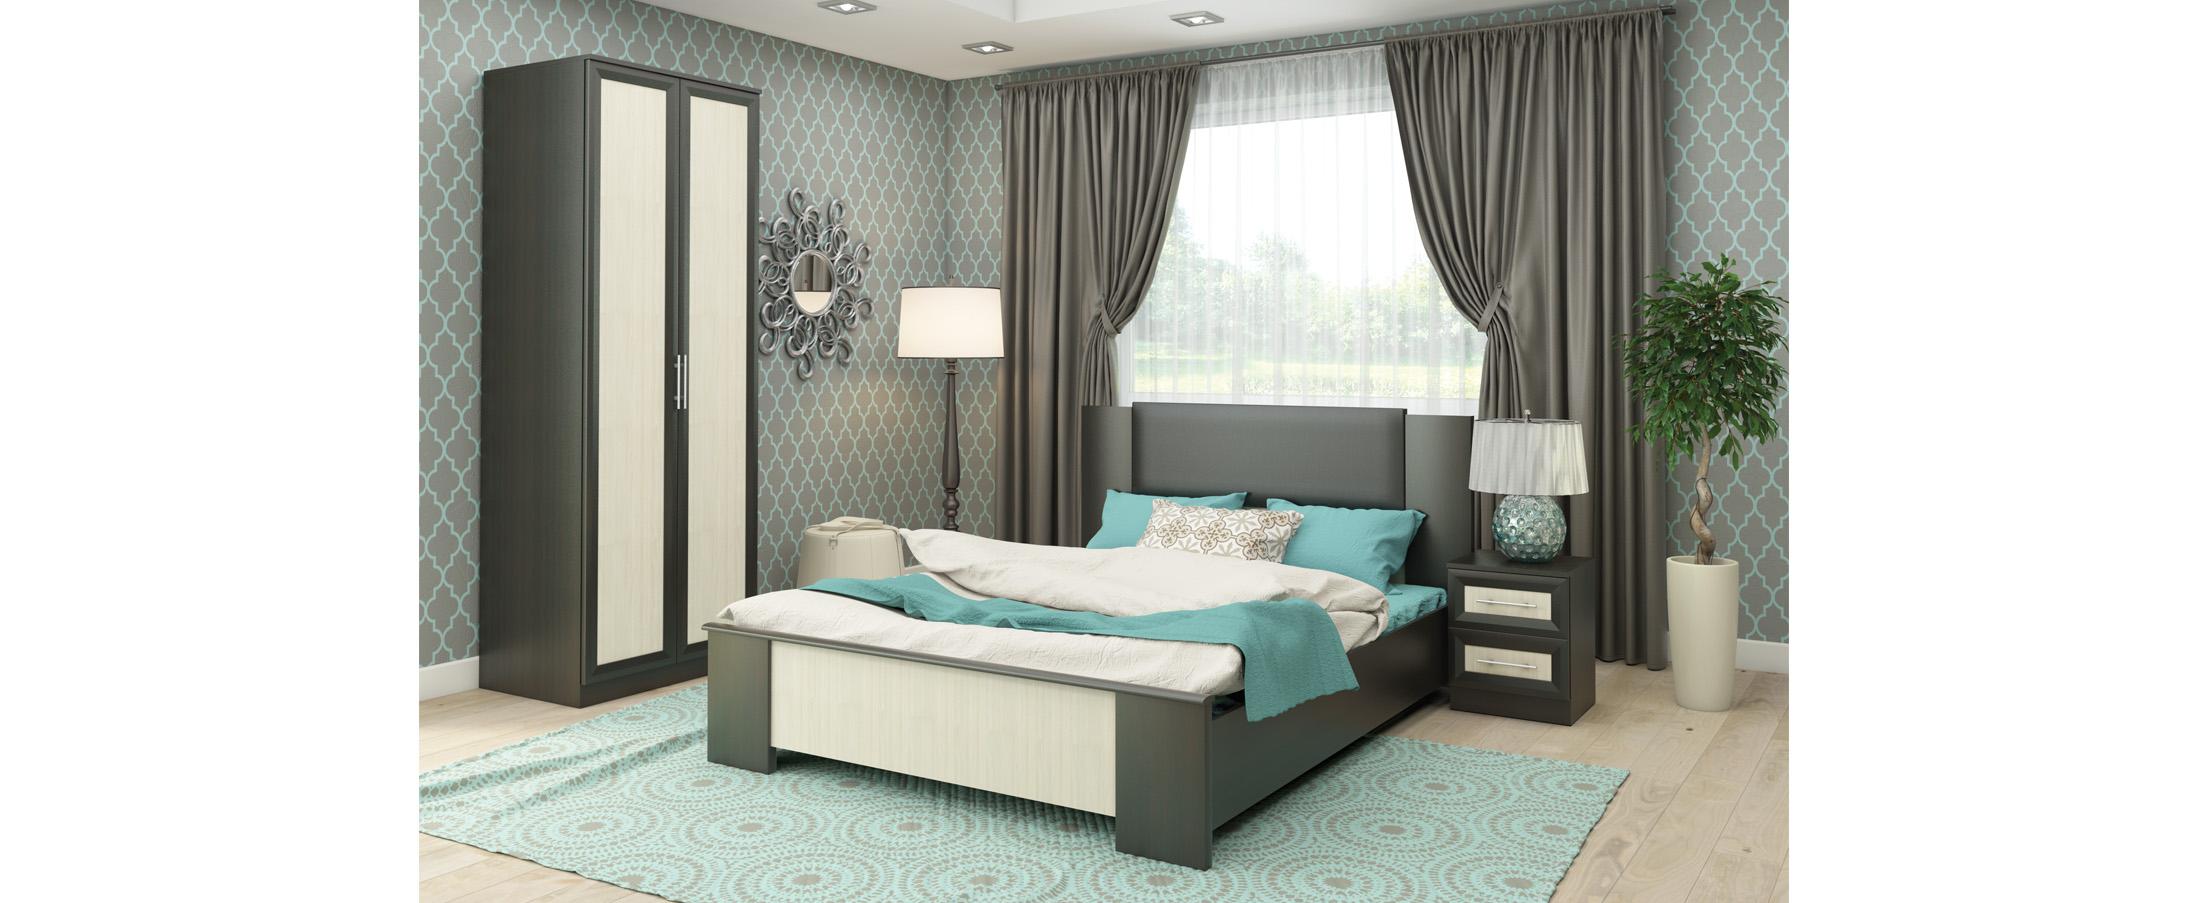 Кровать двуспальная Юлианна Модель 290Оригинальный вид изголовья, содержащего мягкий элемент, задаст изысканный стиль всему интерьеру спальни. Материал ЛДСП. Гарантия 18 месяцев. Доставка от 1 дня.<br>